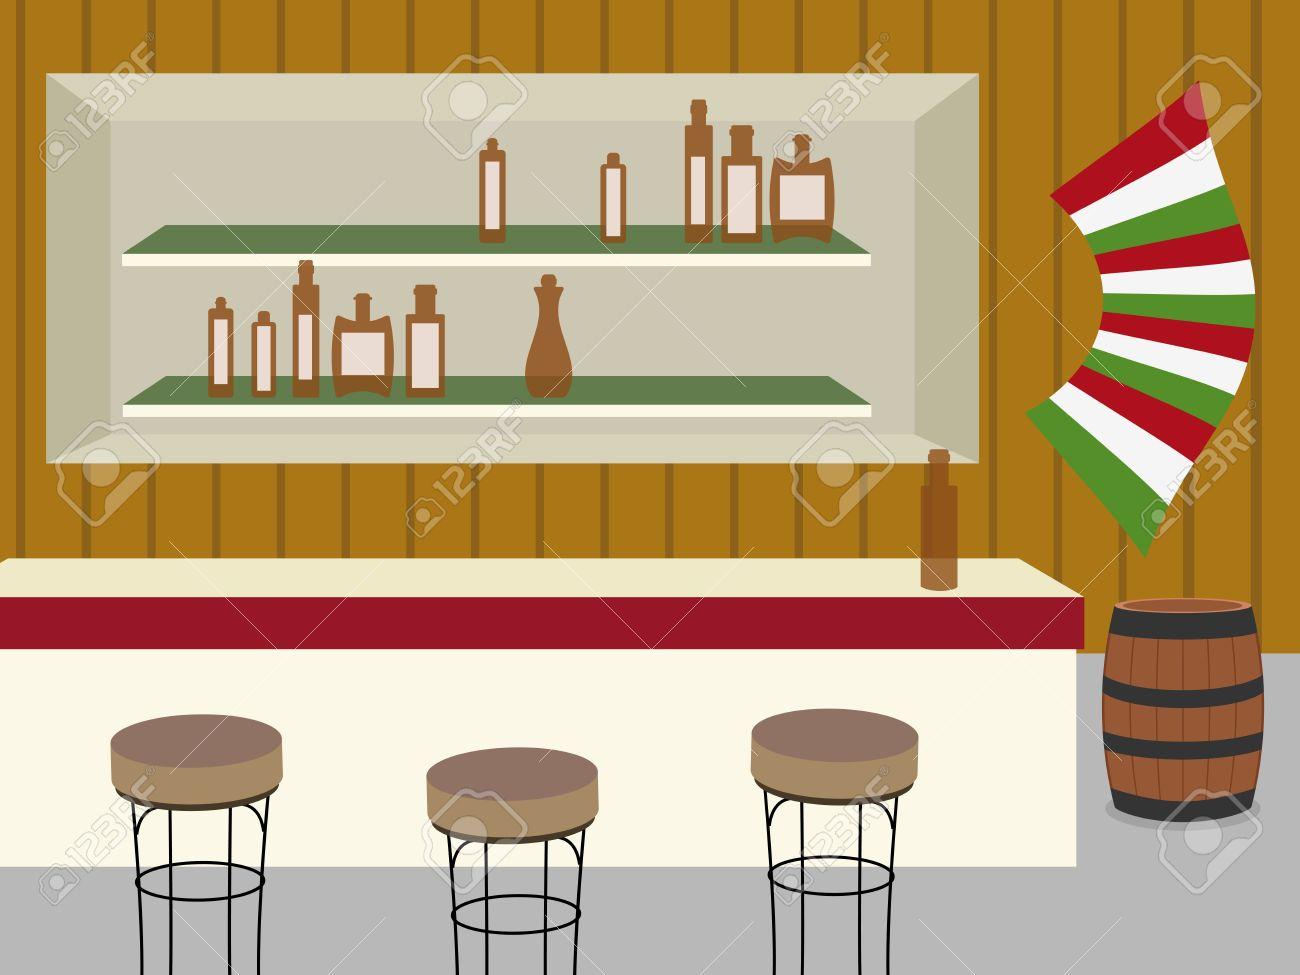 Interior Del Bar, Salón O Cantina En El Viejo Oeste Ilustraciones ...